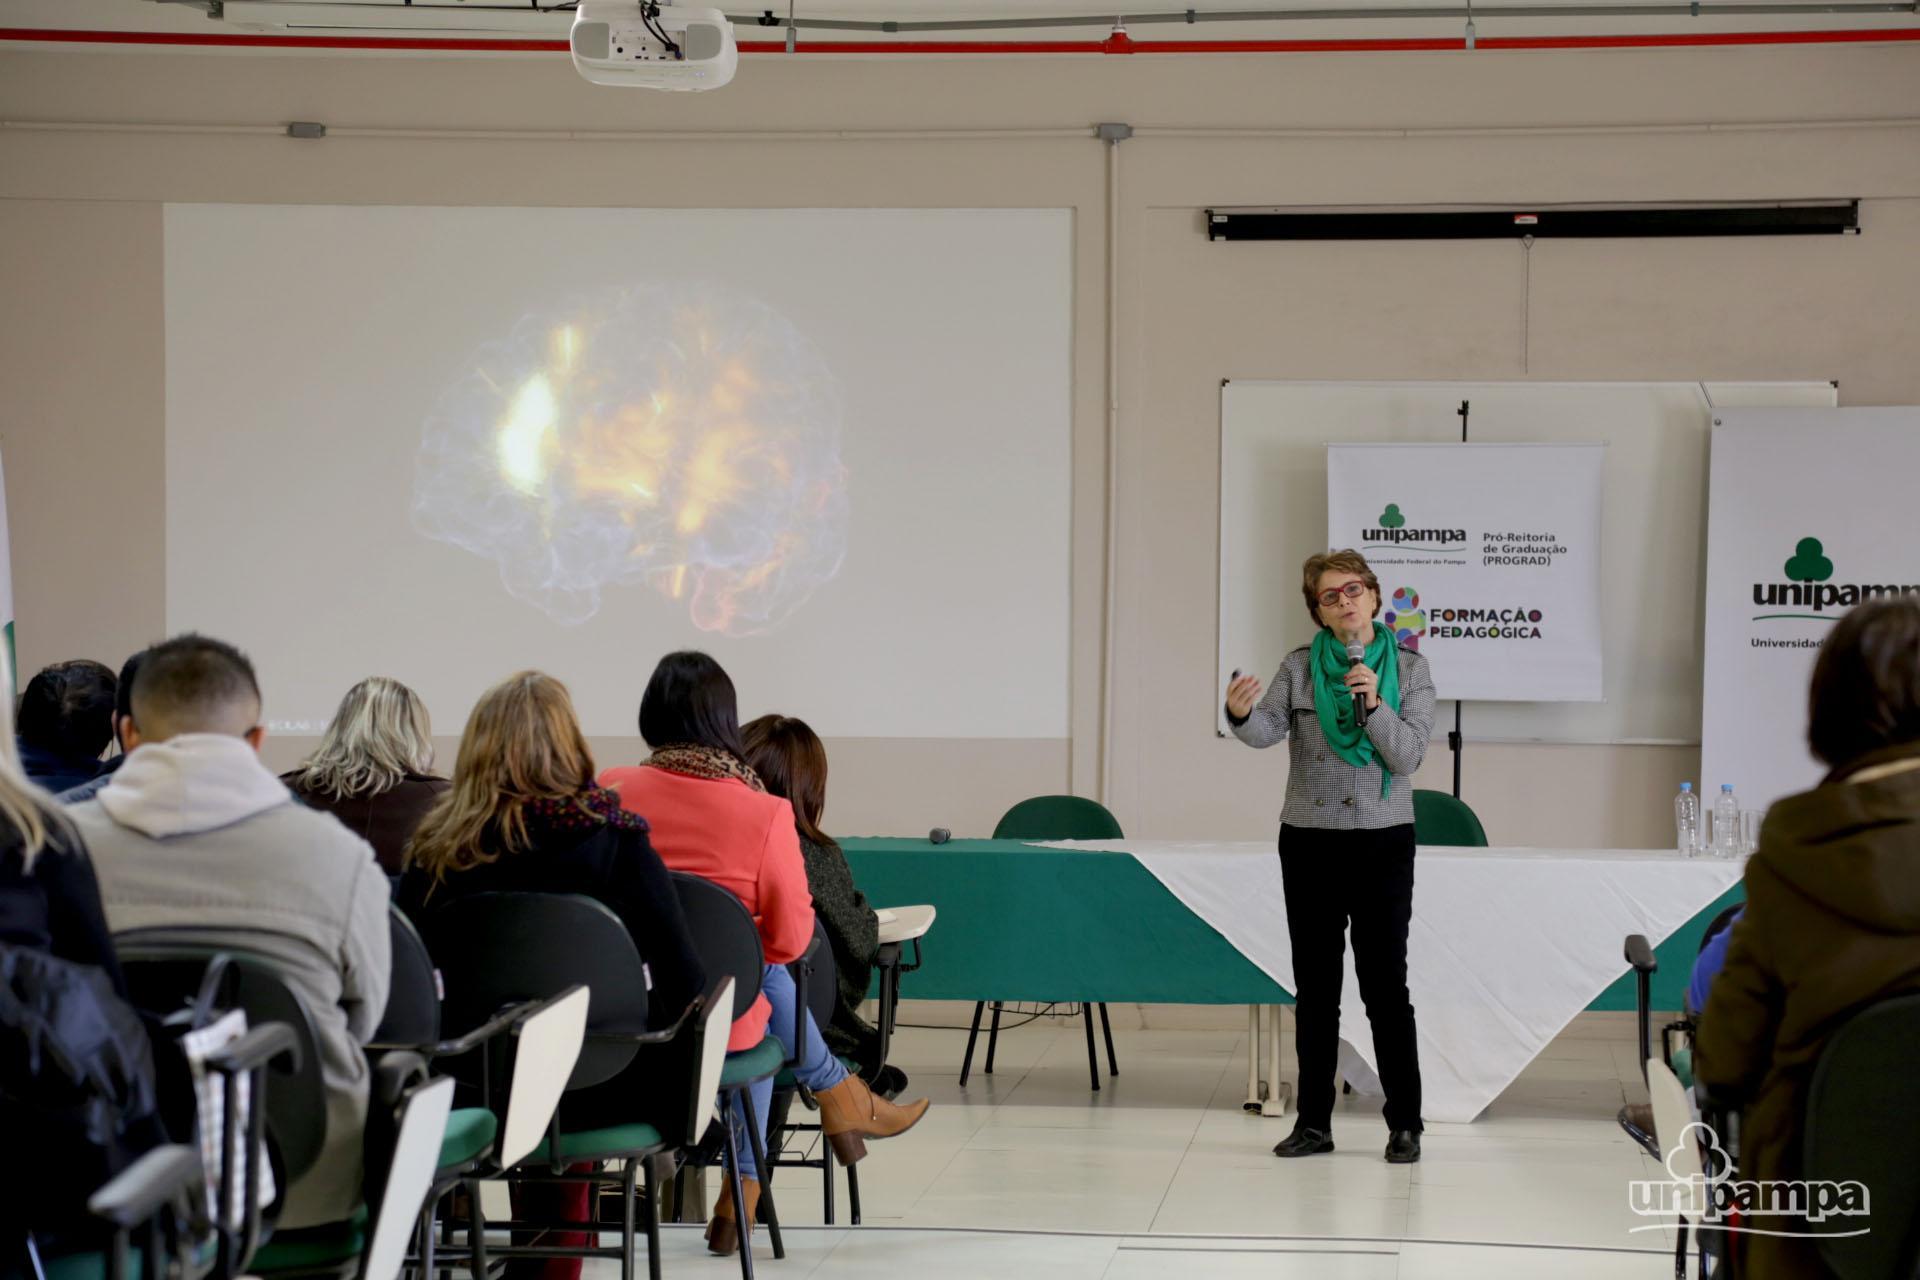 Professora Daniela Barros apresentou a neurologia do cérebro - Foto: Ronaldo Estevam